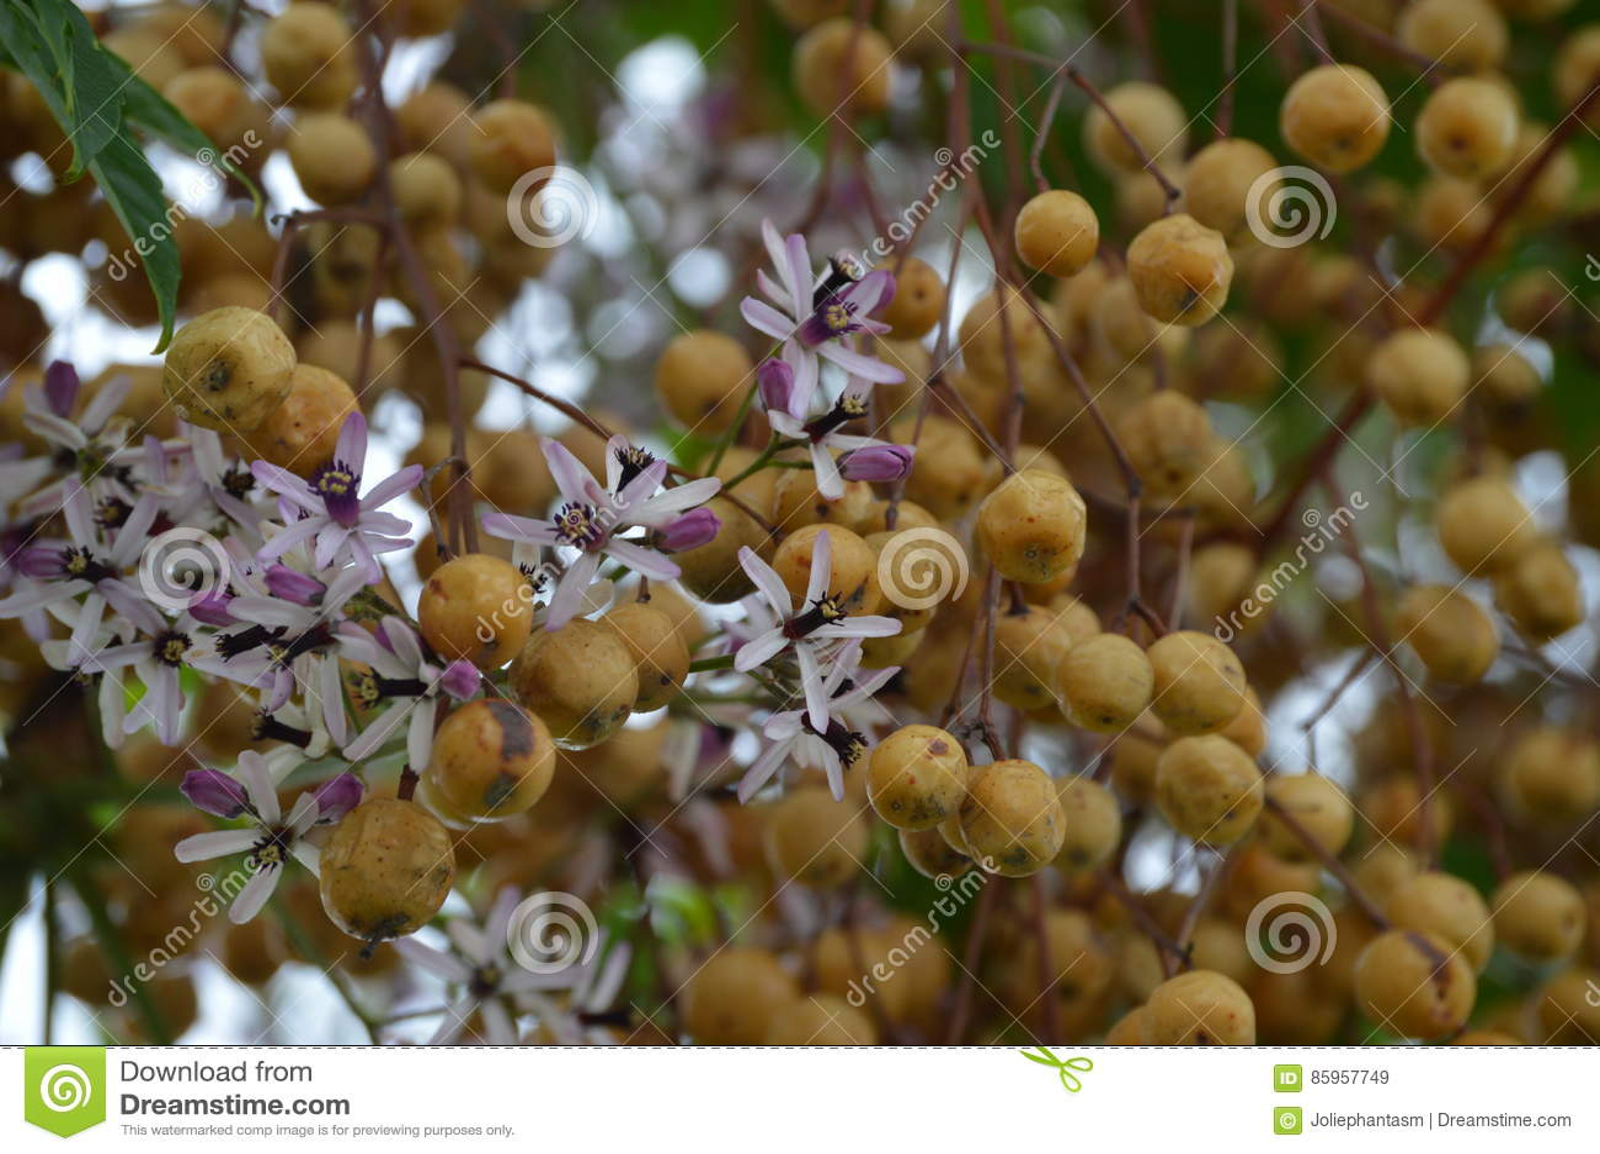 Λουλούδια και φρούτα Melia azedarach